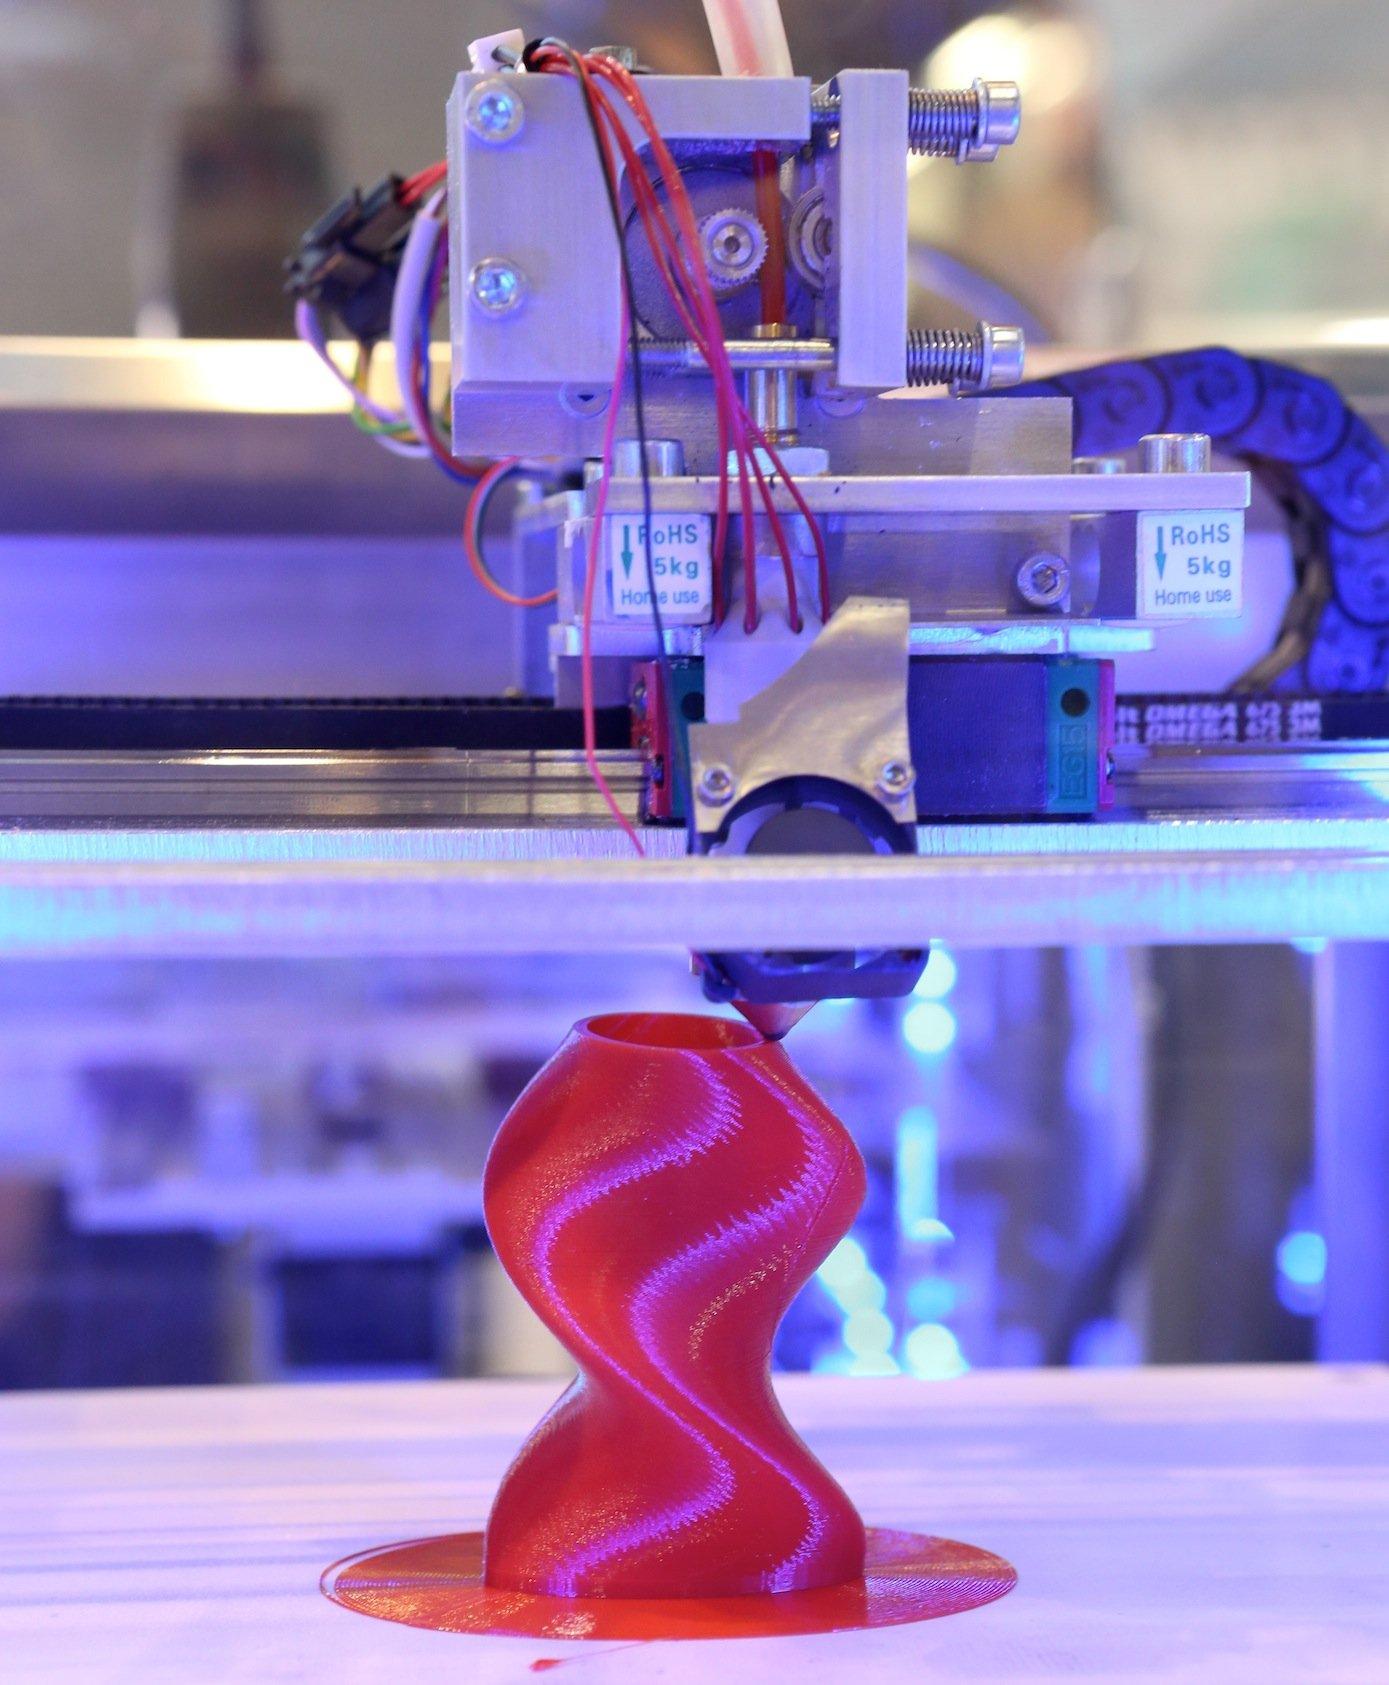 3D-Drucker auf der Embedded World: Die Messe beschäftigt sich unter anderem auch damit, wie vernetzte Produktion besser geschützt werden kann. Dazu wird auch der SicherheitsexperteEugene Kaspersky sprechen.